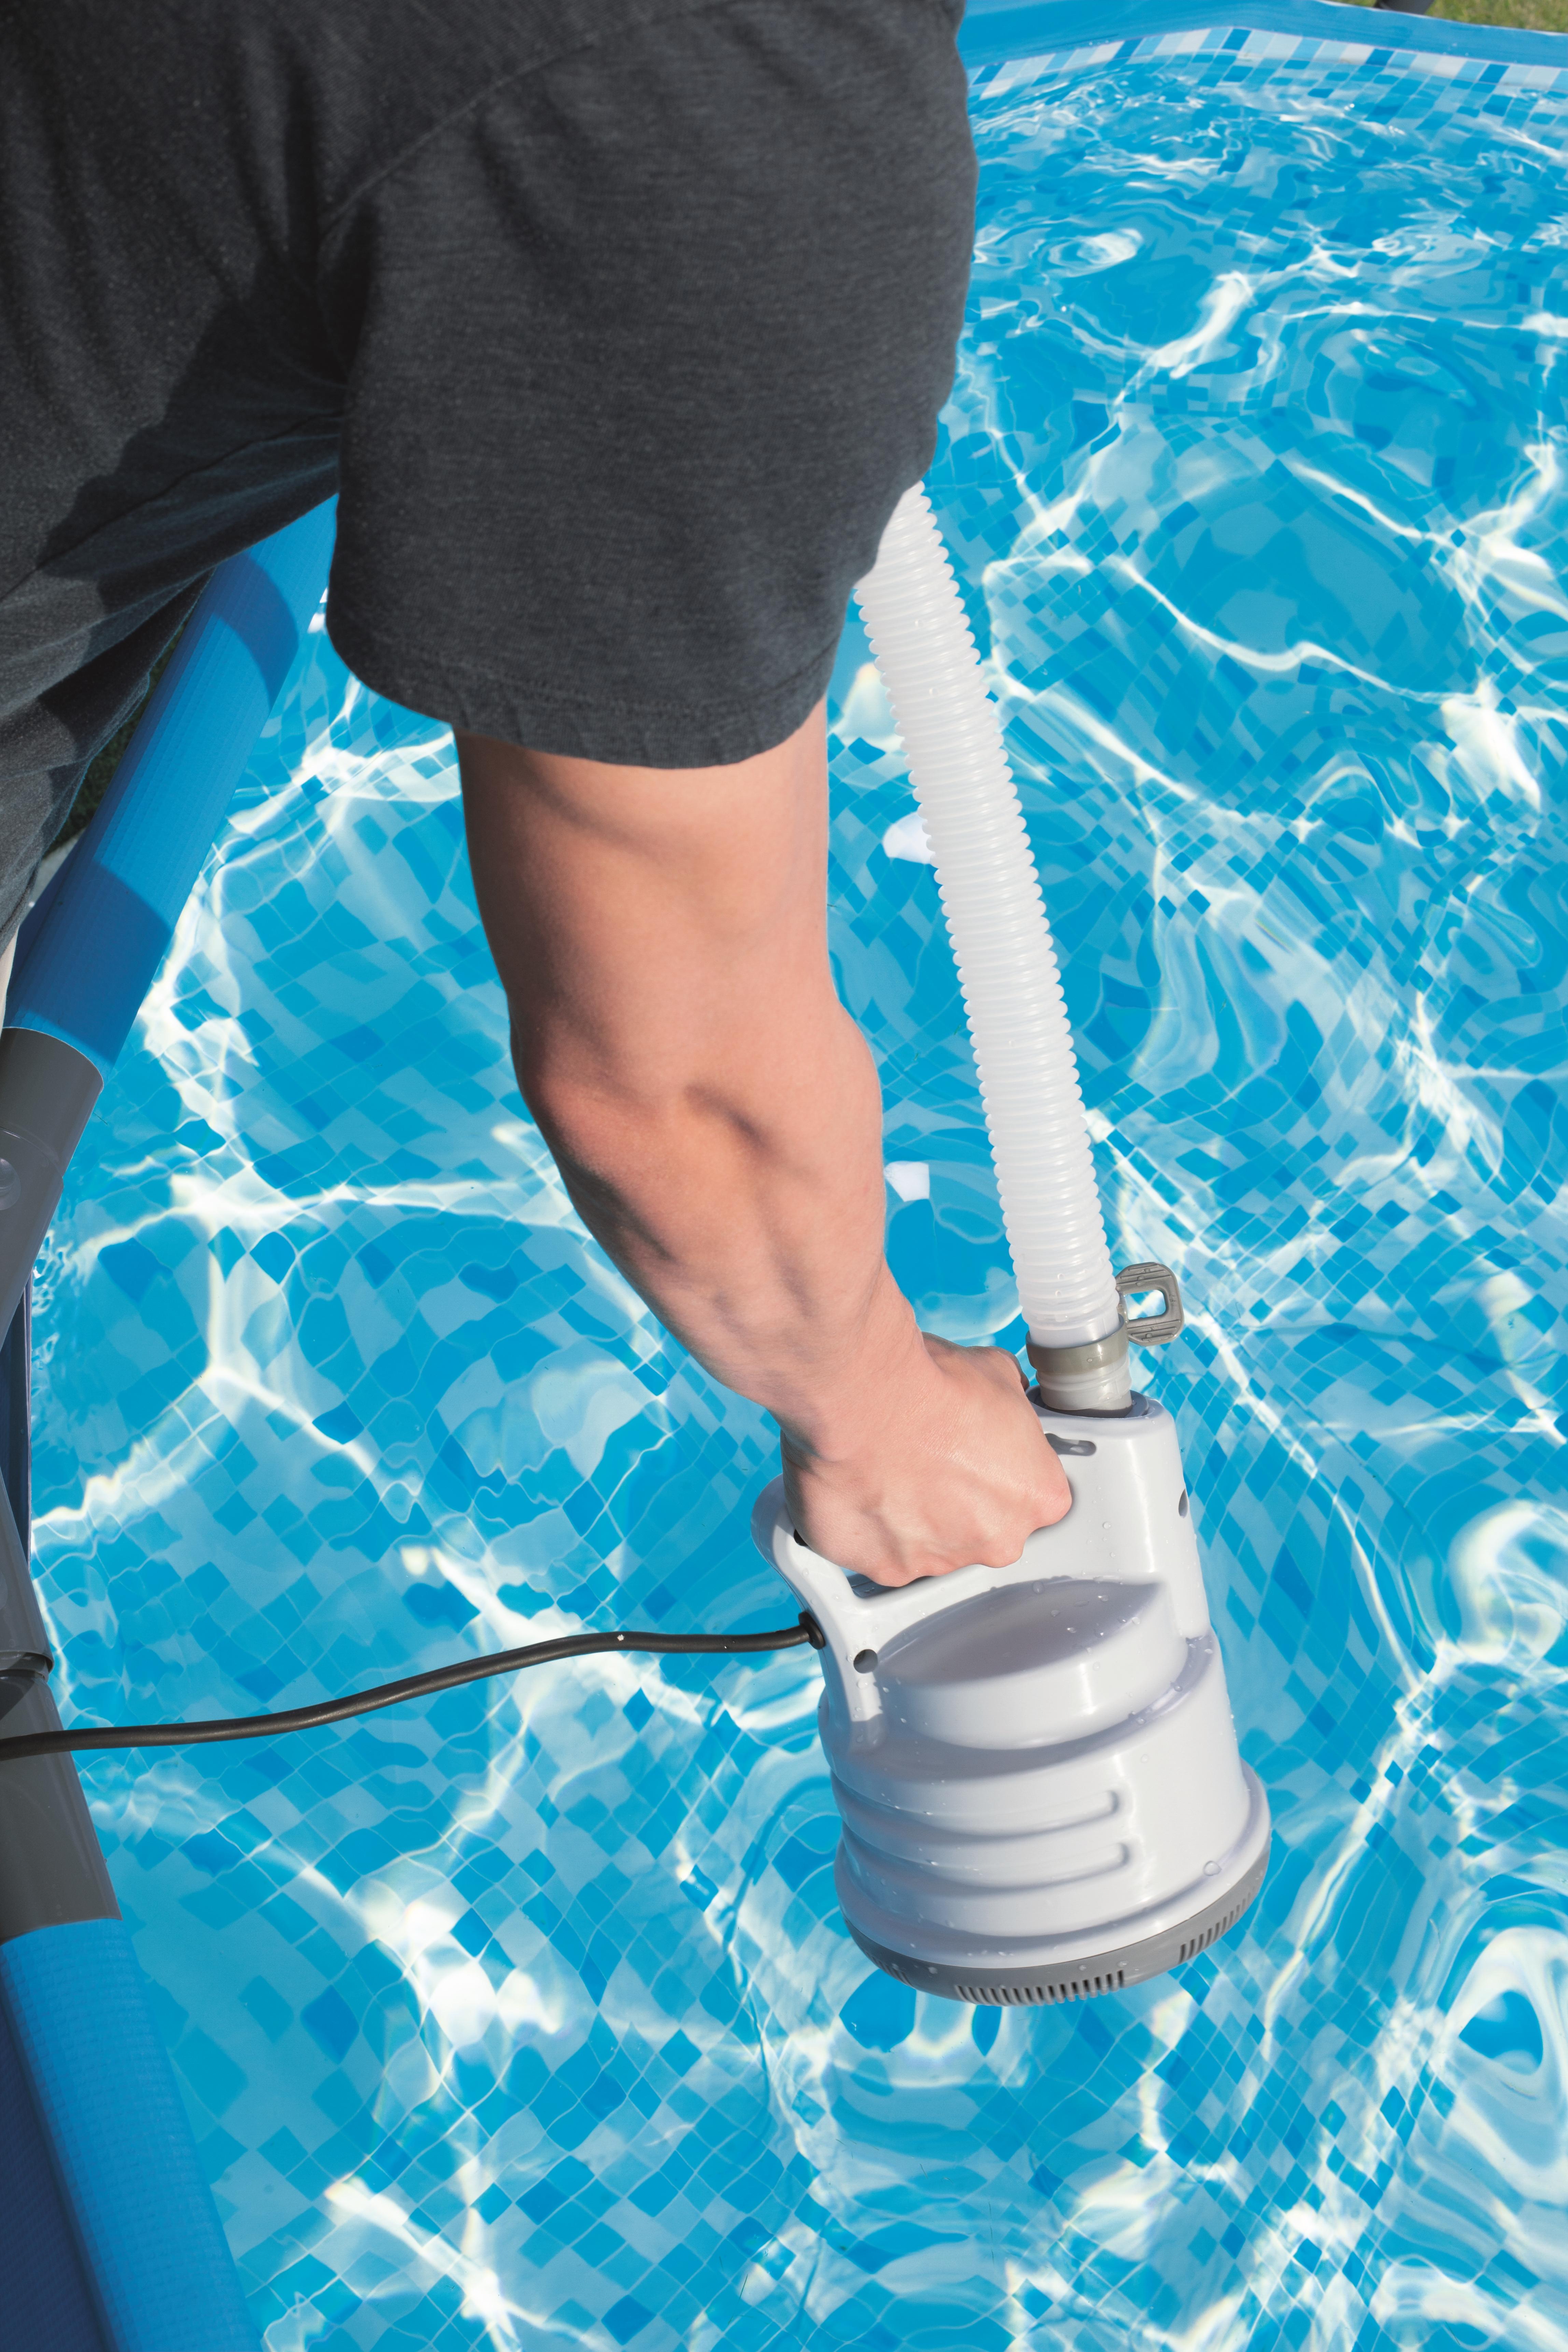 Насос для откачки воды из бассейна: виды сливных помп, обзор моделей выкачивающих устройств, как слить грязную жидкость из чаши насухо через фильтр